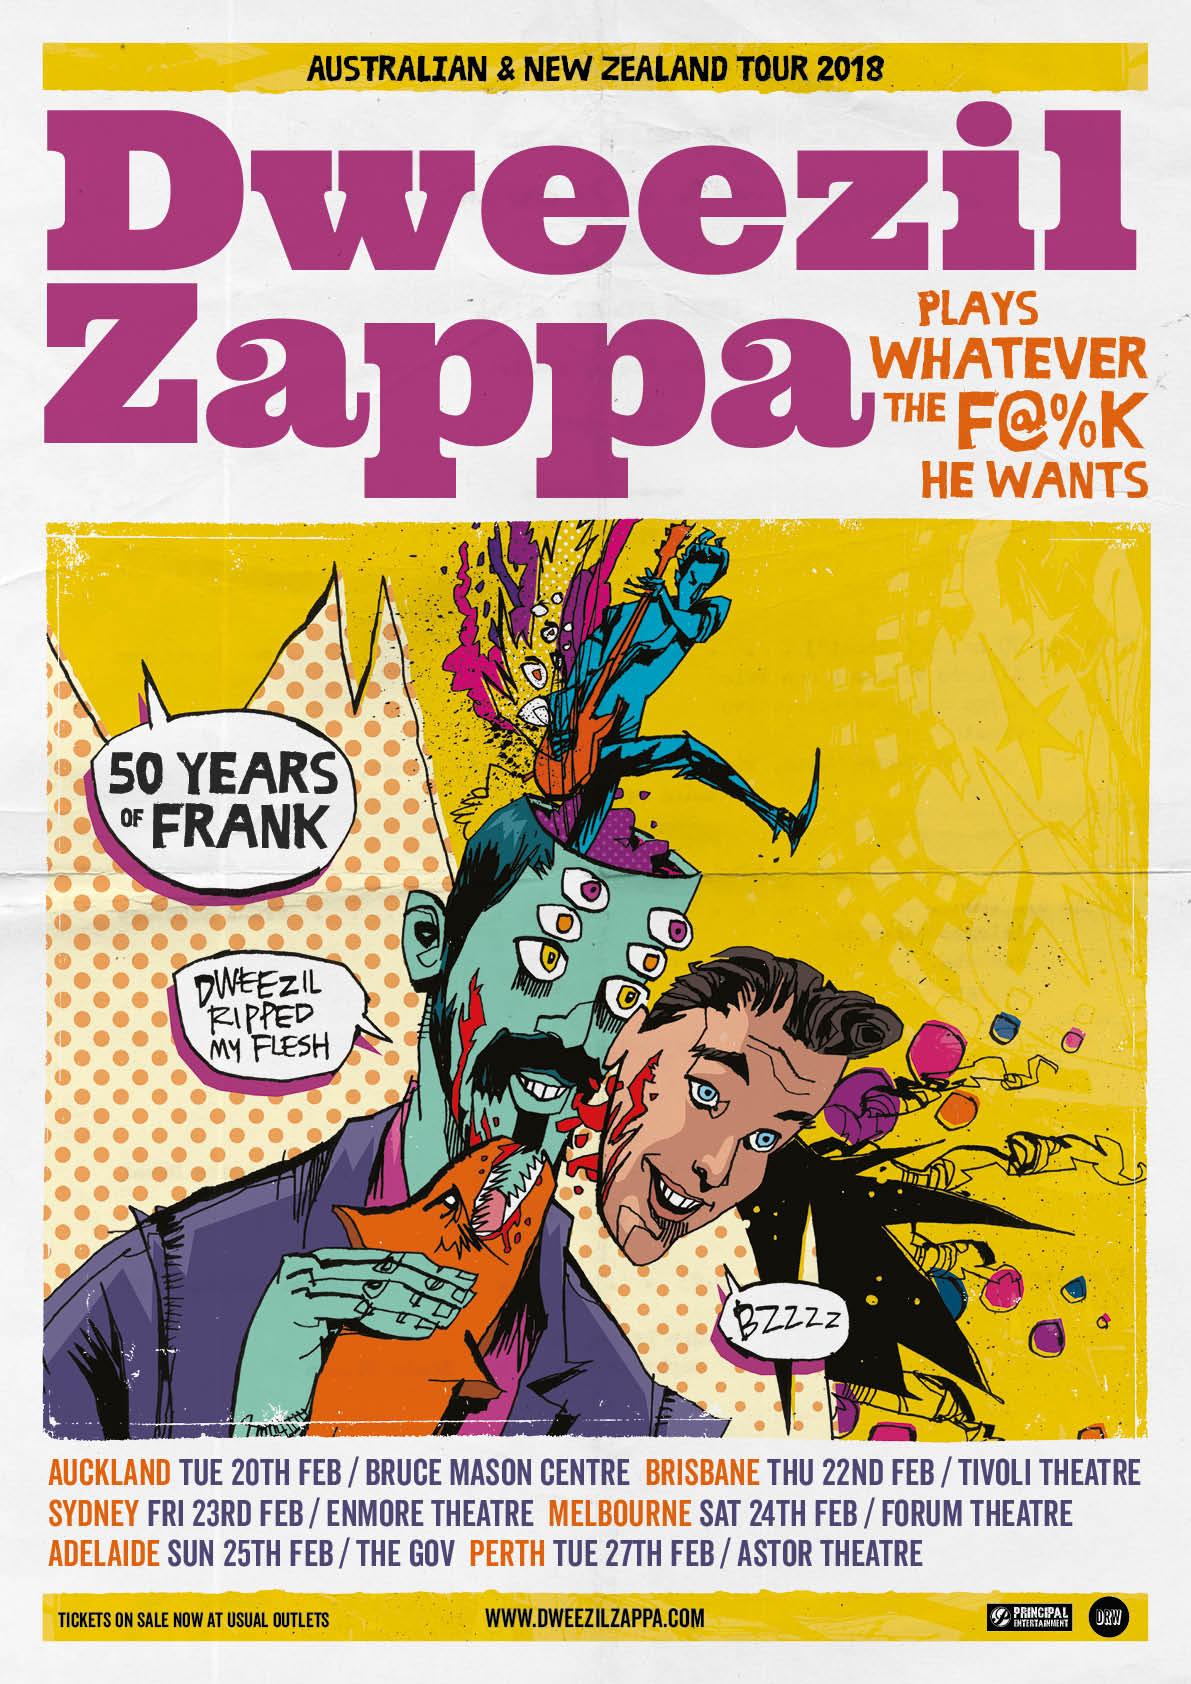 Dweezil Zappa Drw Entertainment